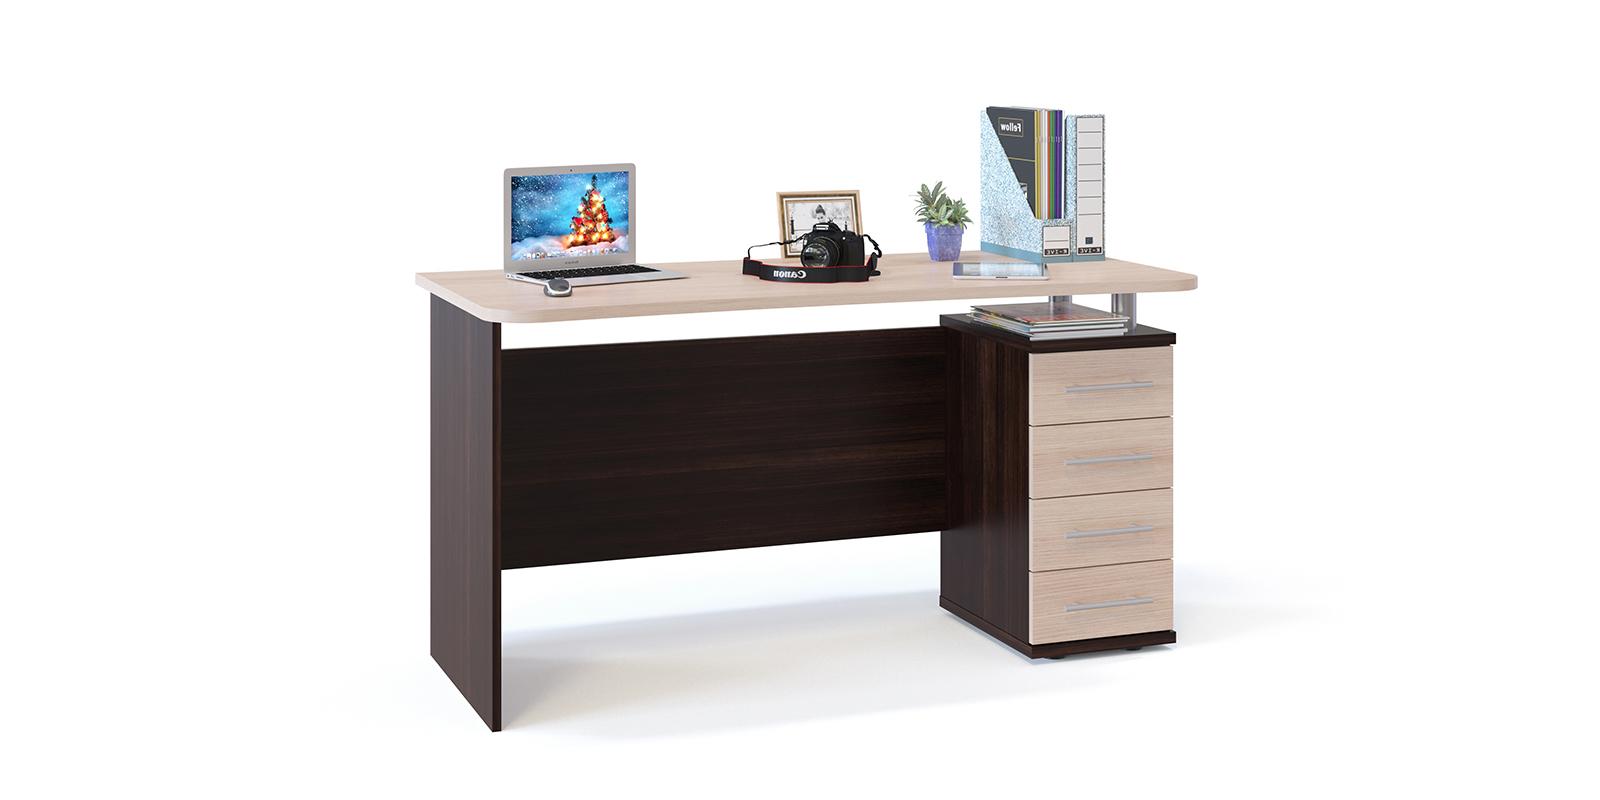 Стол компьютерный HomeMe Соло AFU0062000